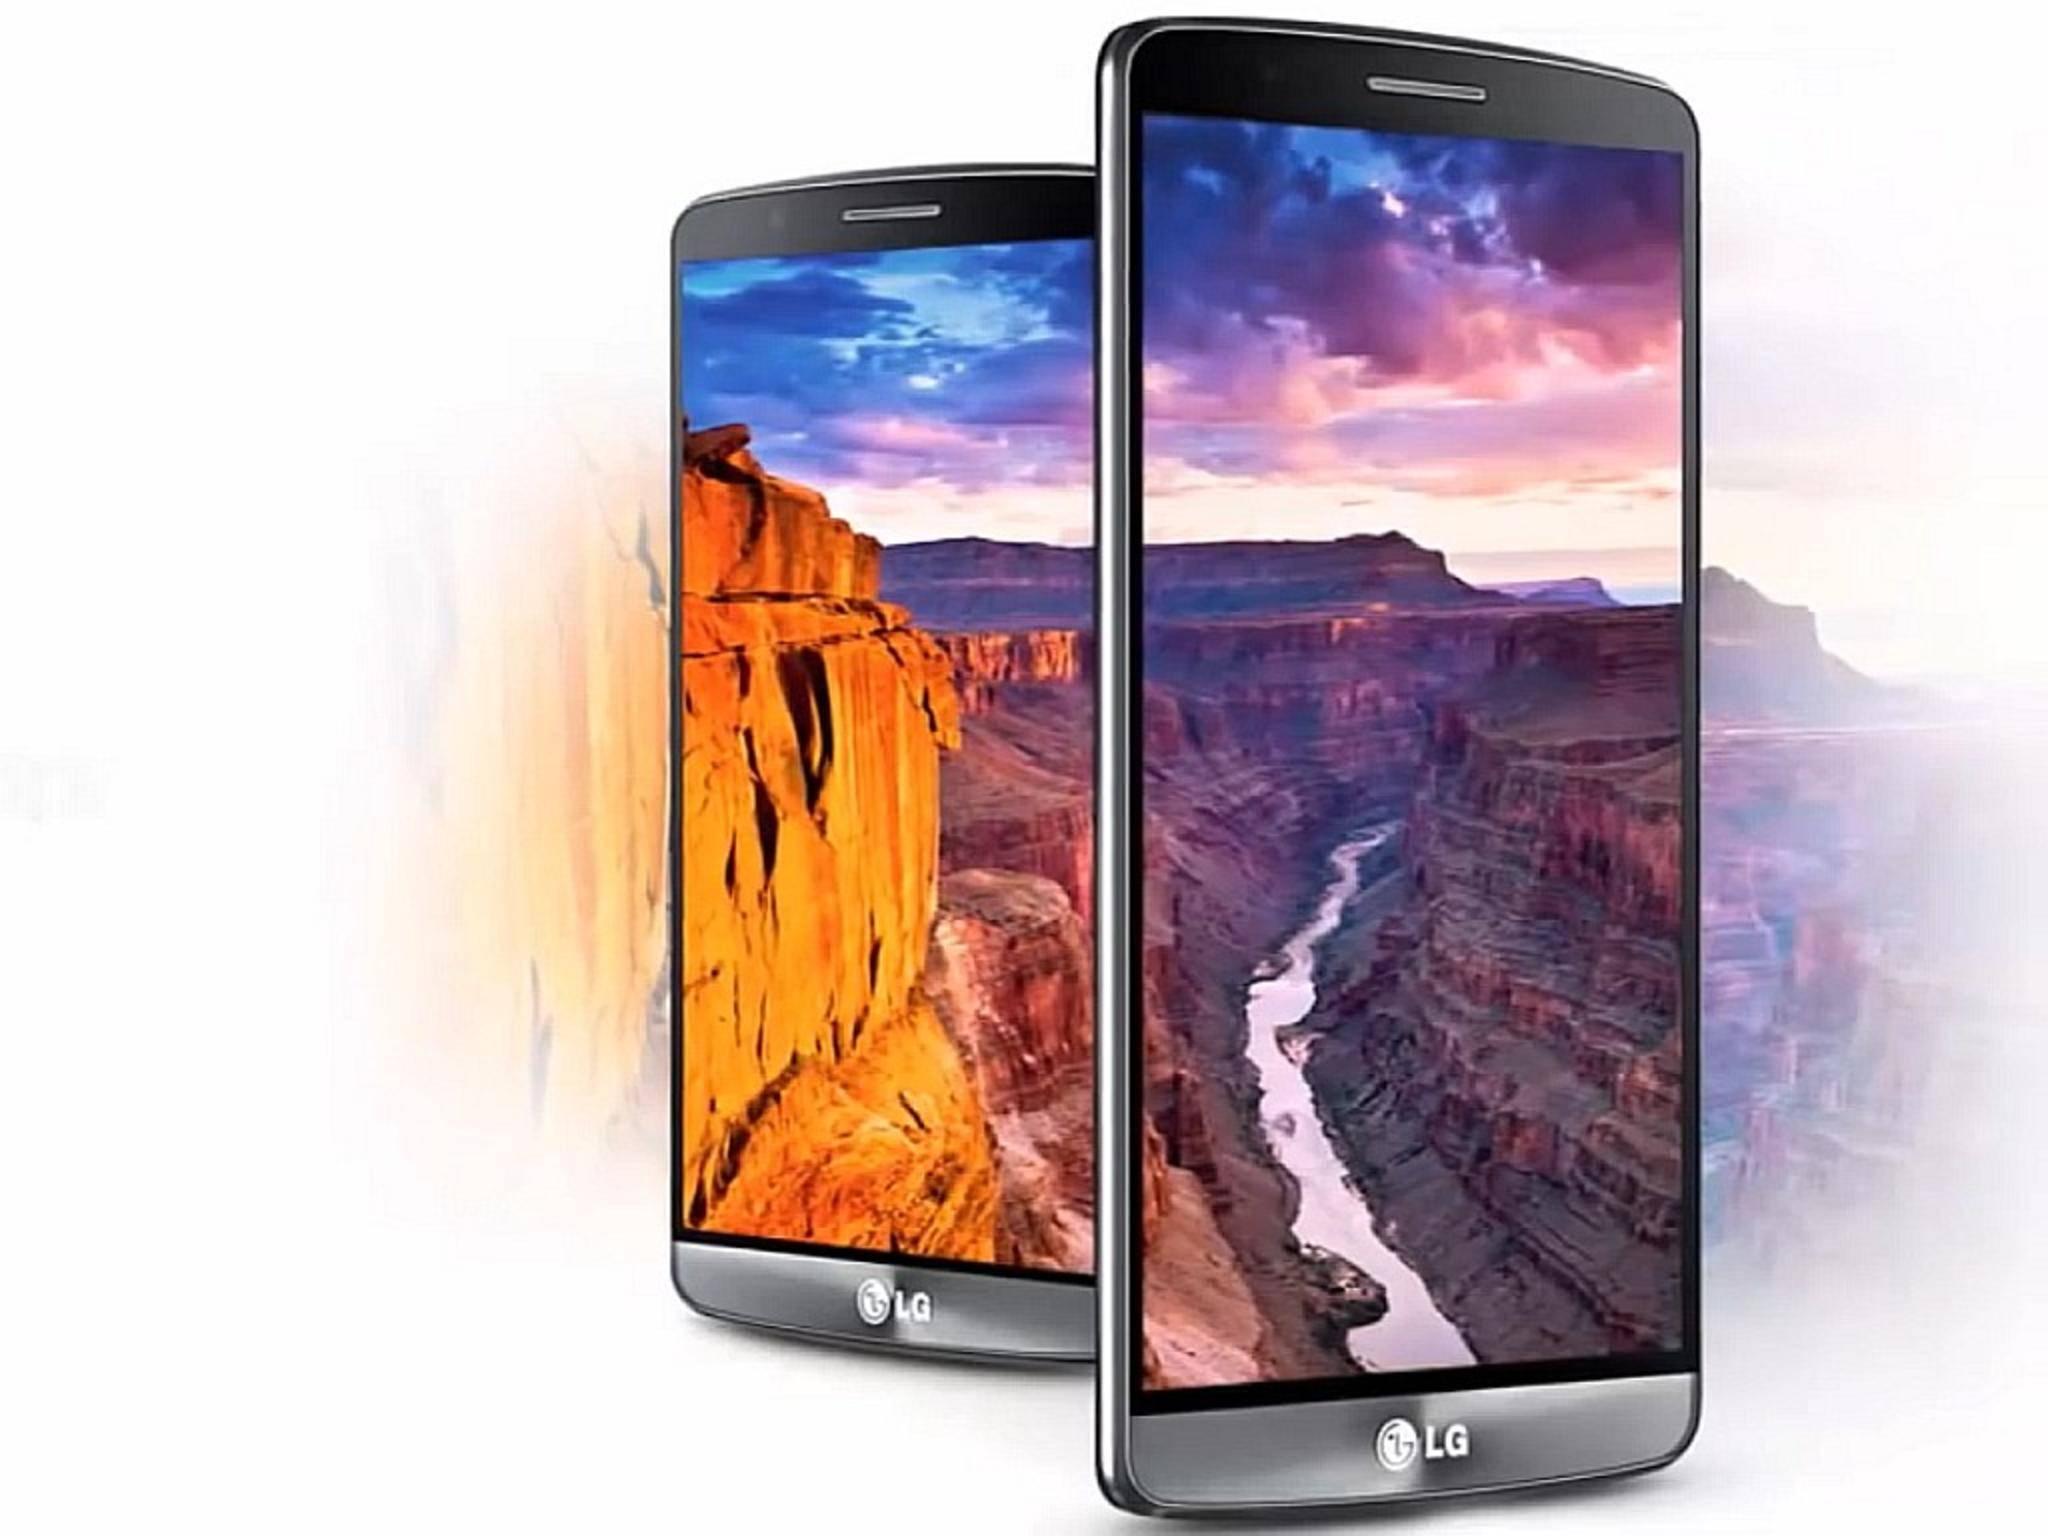 Entstanden mit Photoshop: So stellen sich manche Nutzer das LG G4 vor.